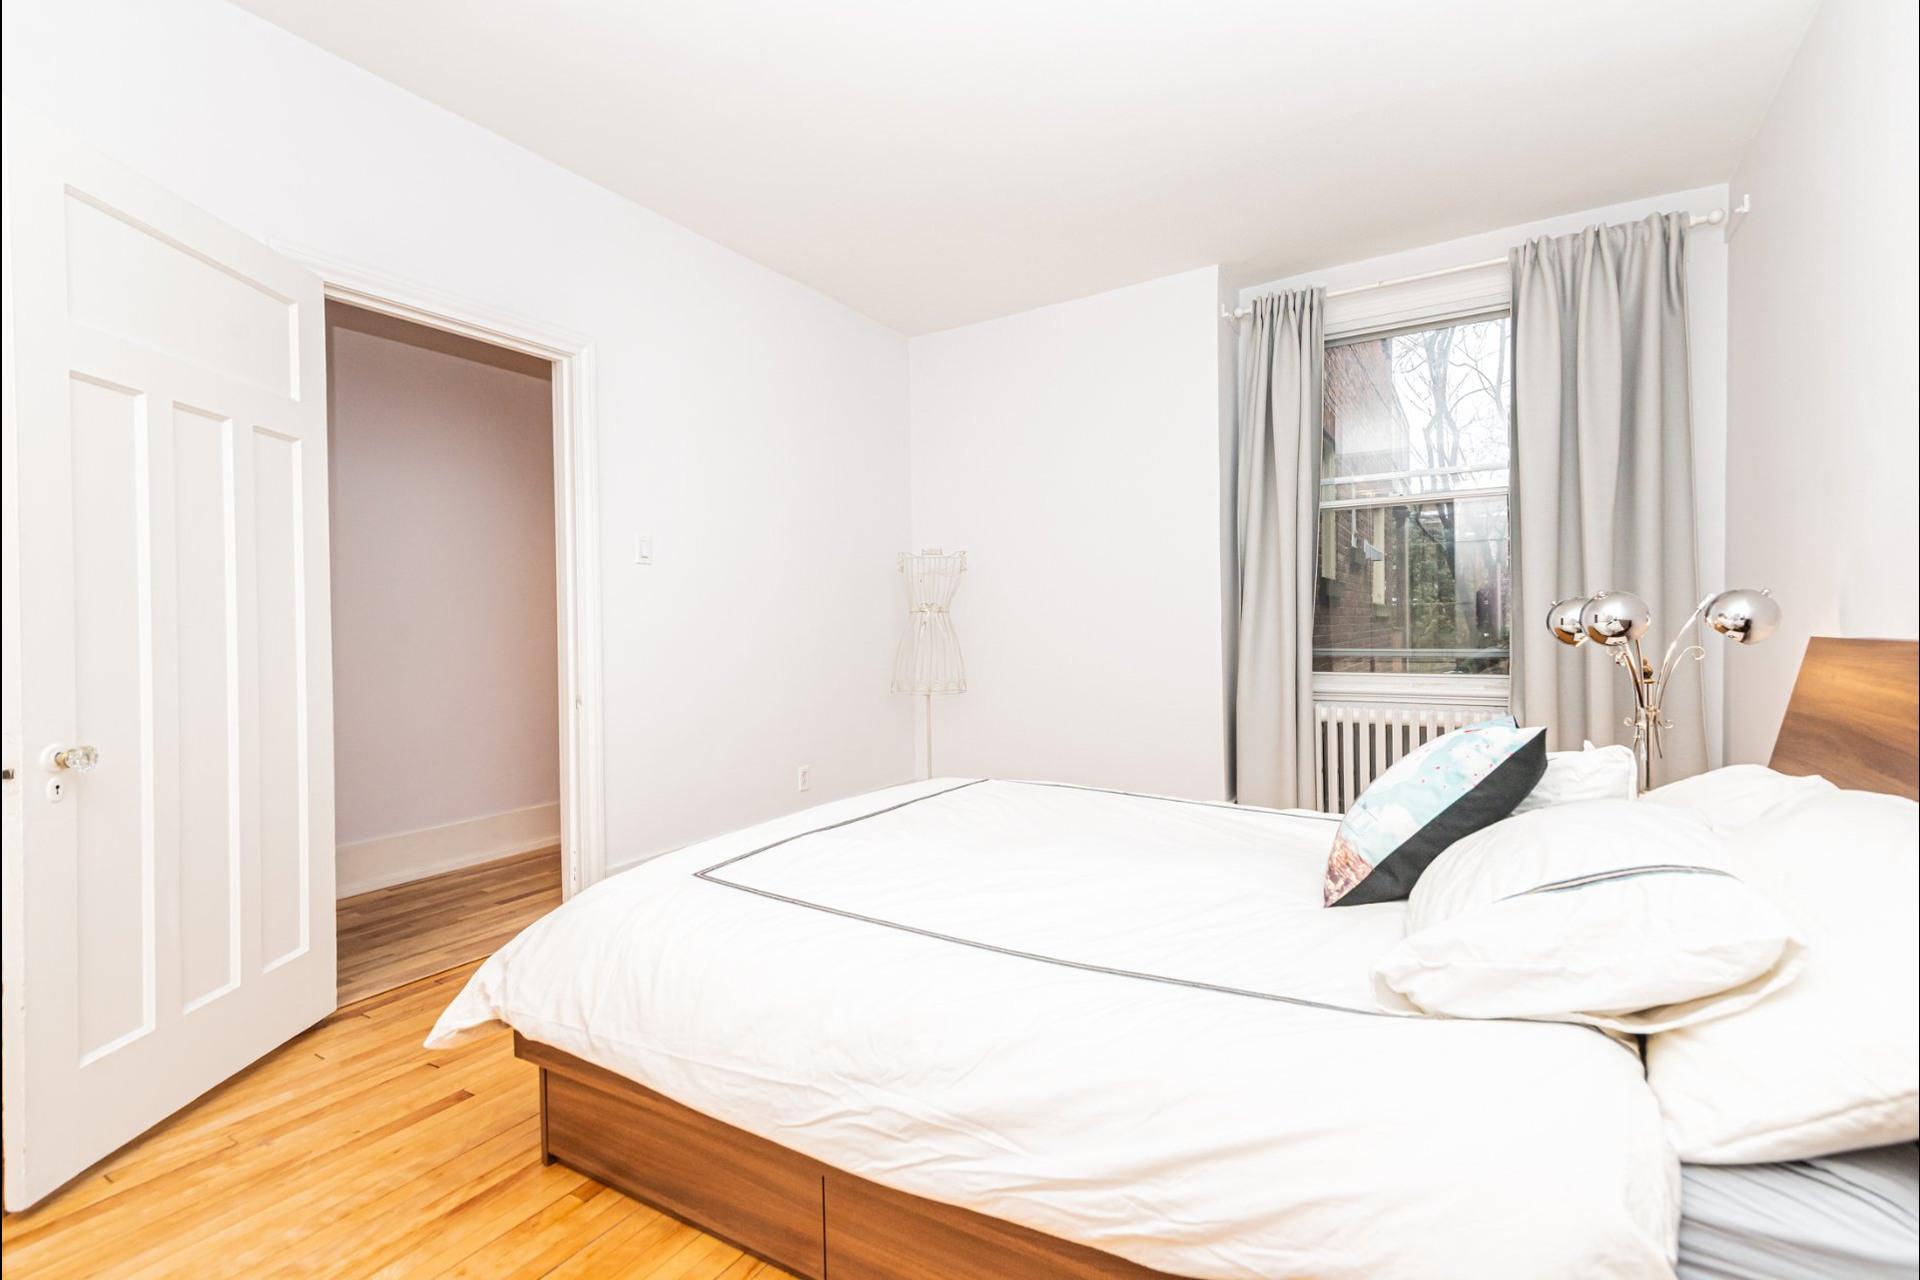 image 14 - Apartment For sale Côte-des-Neiges/Notre-Dame-de-Grâce Montréal  - 10 rooms